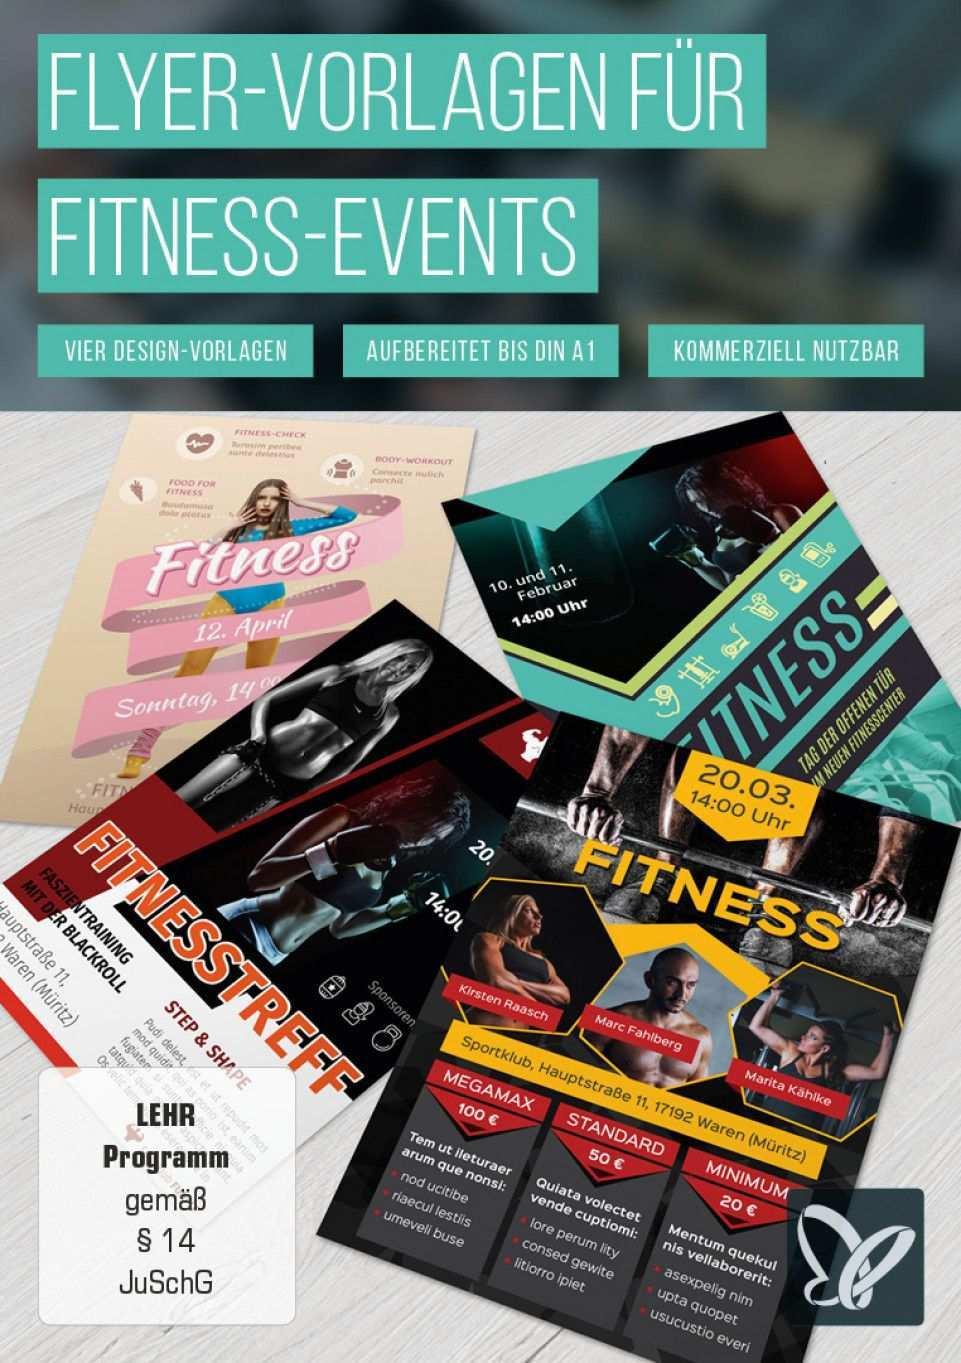 Flyer Vorlagen Fur Fitness Sport Und Fitnessstudios Zum Download Flyer Vorlage Fitnessstudio Fitness